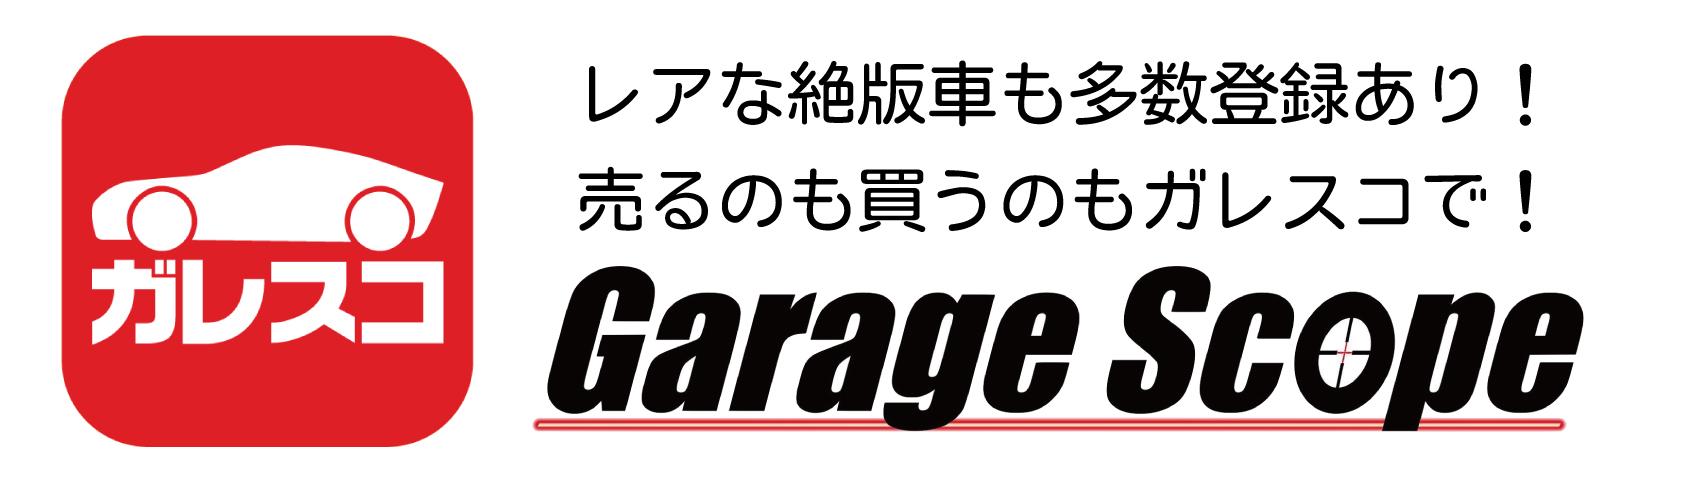 garagescope_bana